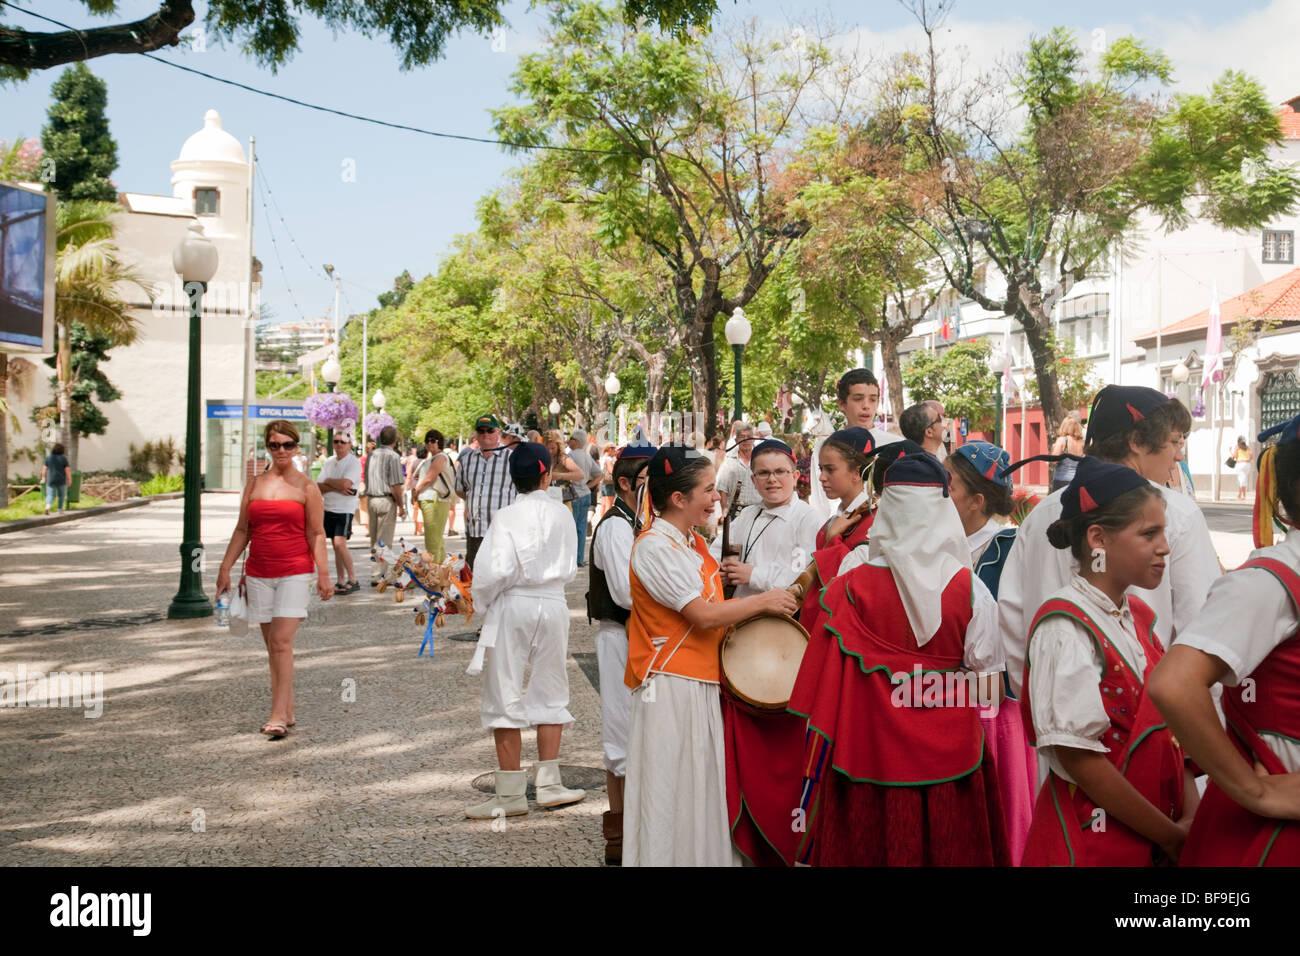 Los niños de Madeira en traje tradicional bailando en las calles de Funchal, Madeira Imagen De Stock